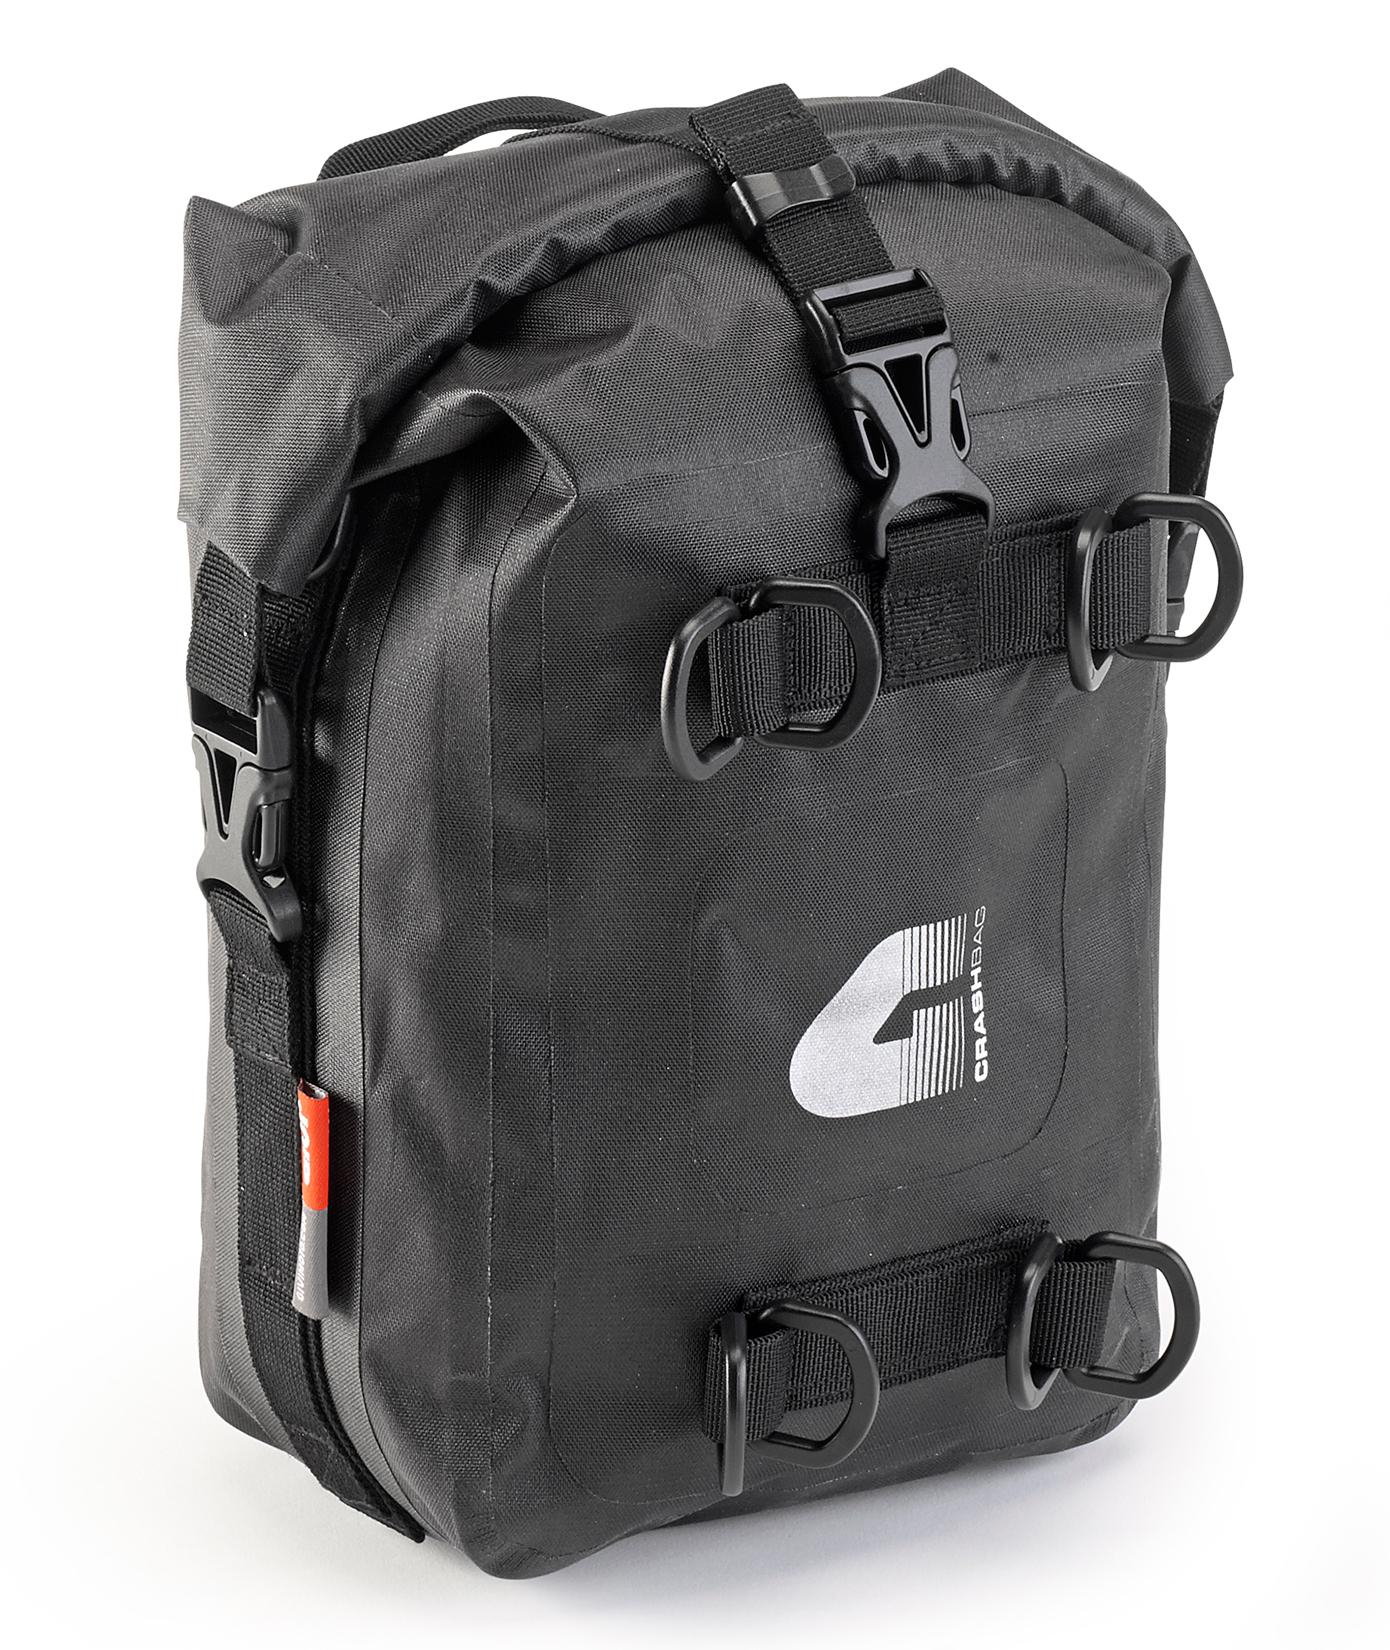 Givi 25 Liter Waterproof Motorcycle Dual Sport Backpack  acc0a3fe16b93